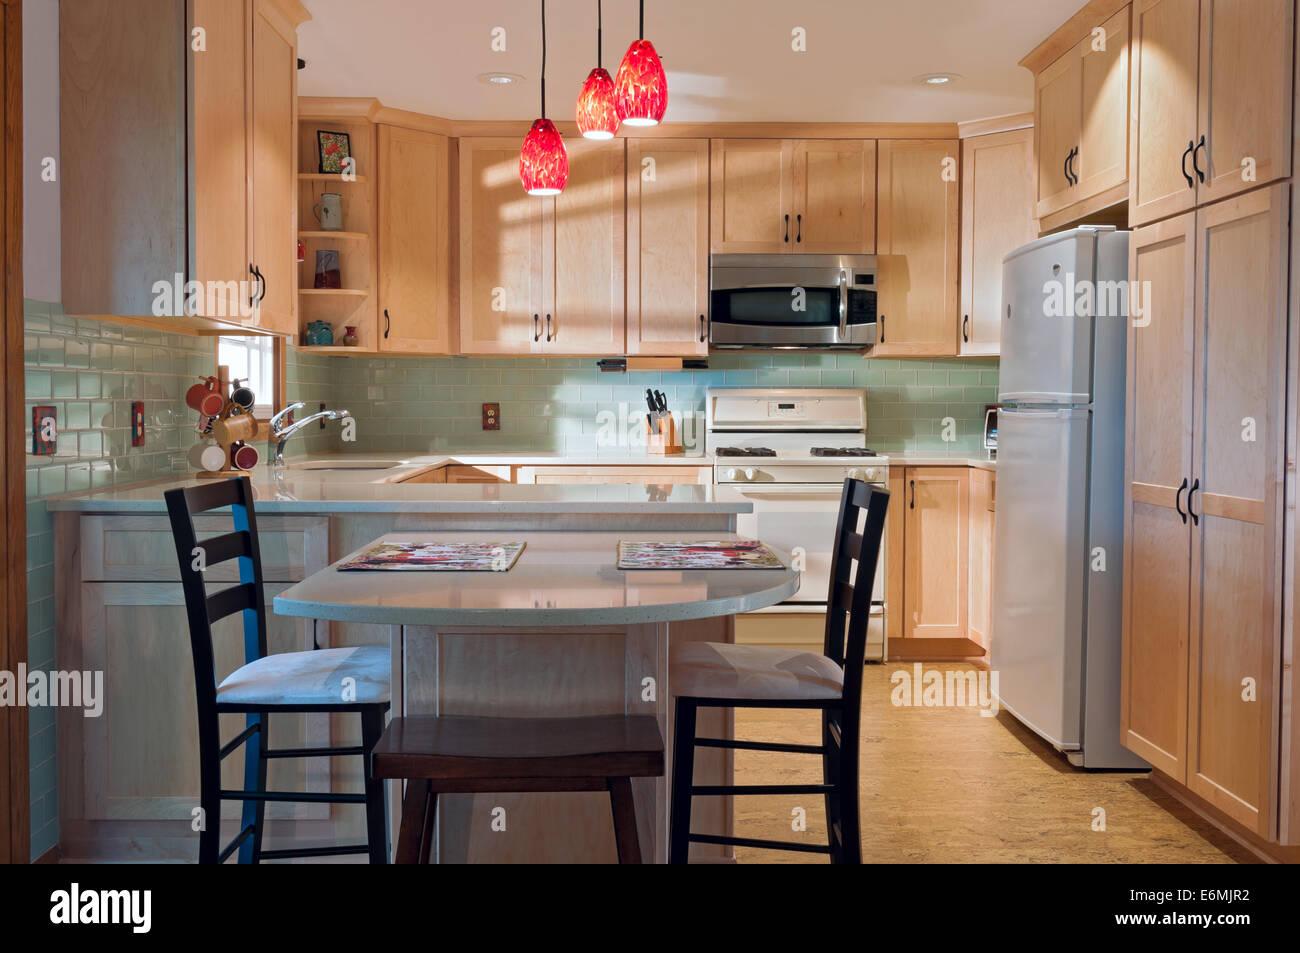 Ristrutturato di recente cucina interna con pavimenti in sughero